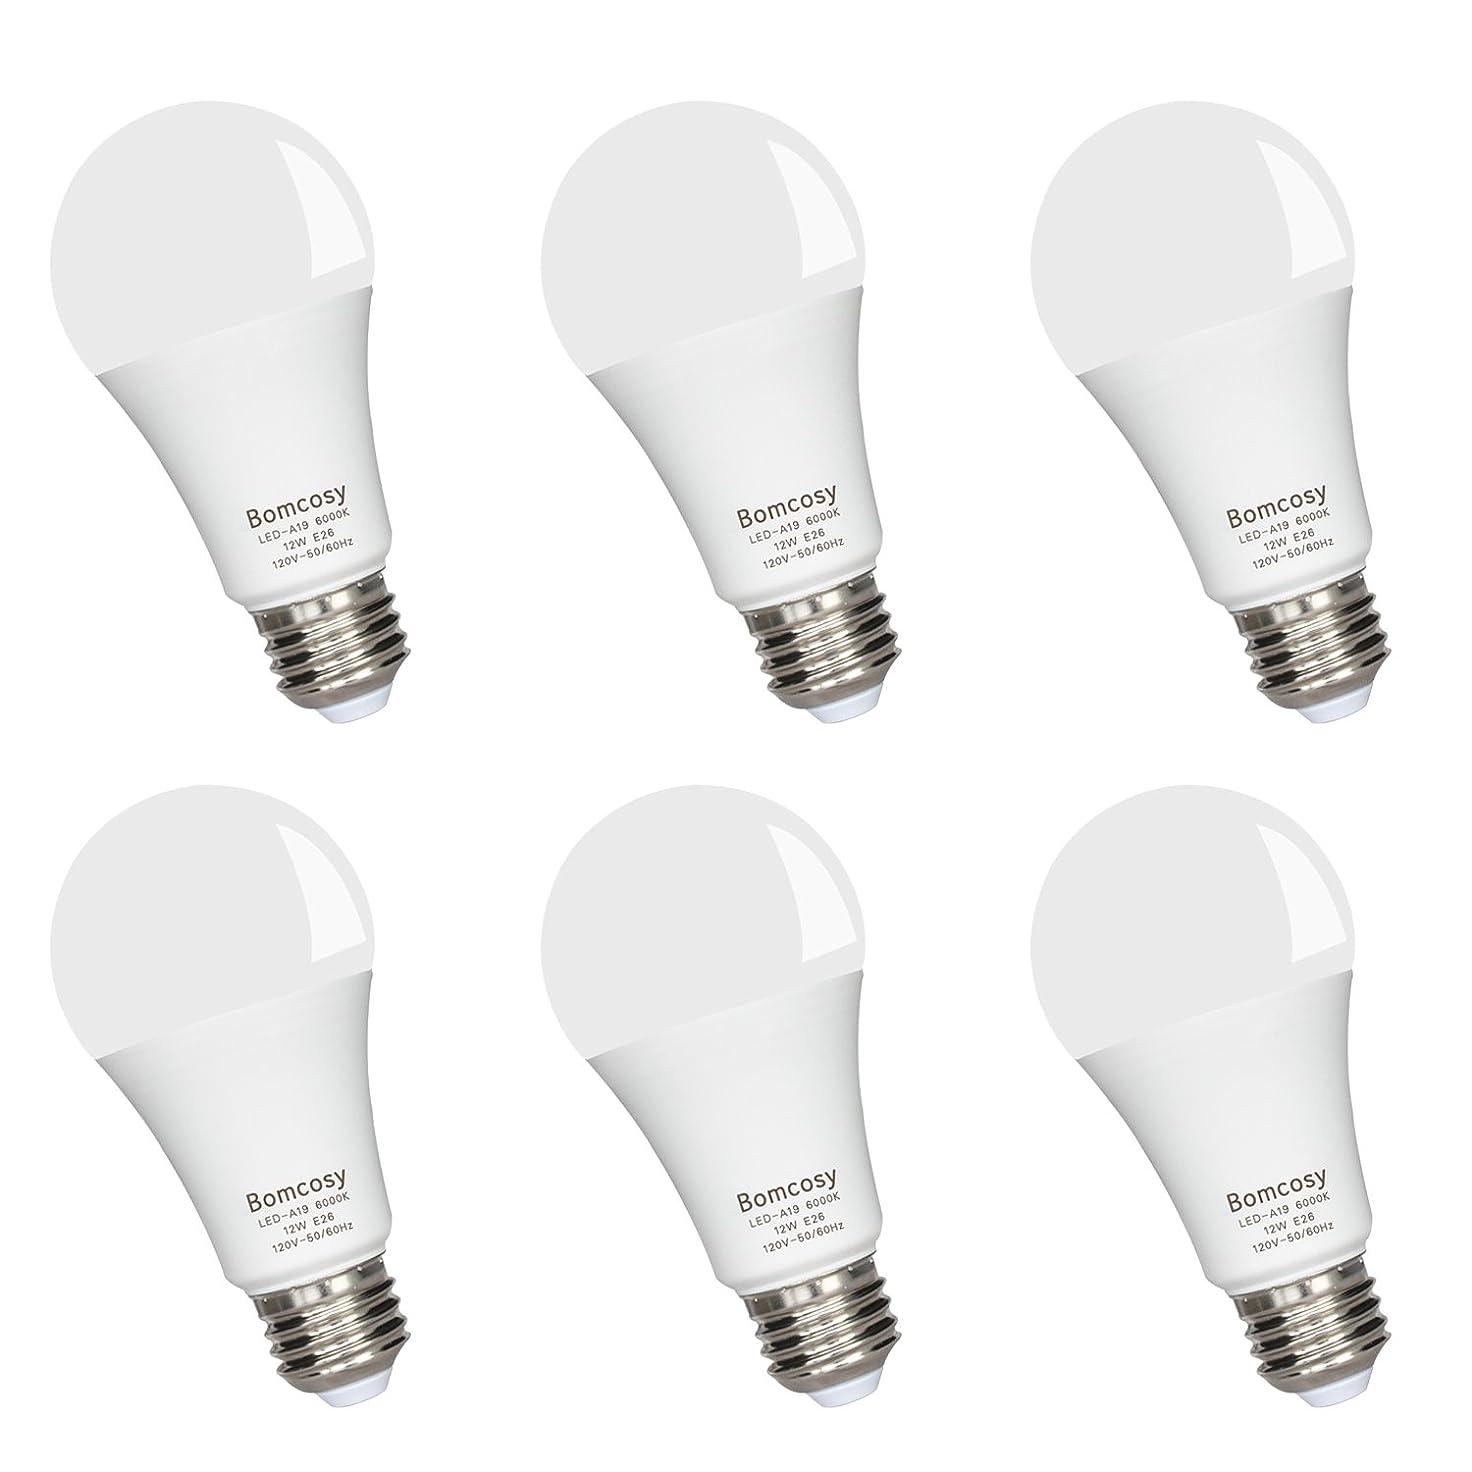 不和バルブ装備するBomcosy LED電球 E26口金 100W形相当 1100lm 省エネ90% 昼光色相当(12W) 6000K 広配光タイプ 6個パック 2年間の保証があり